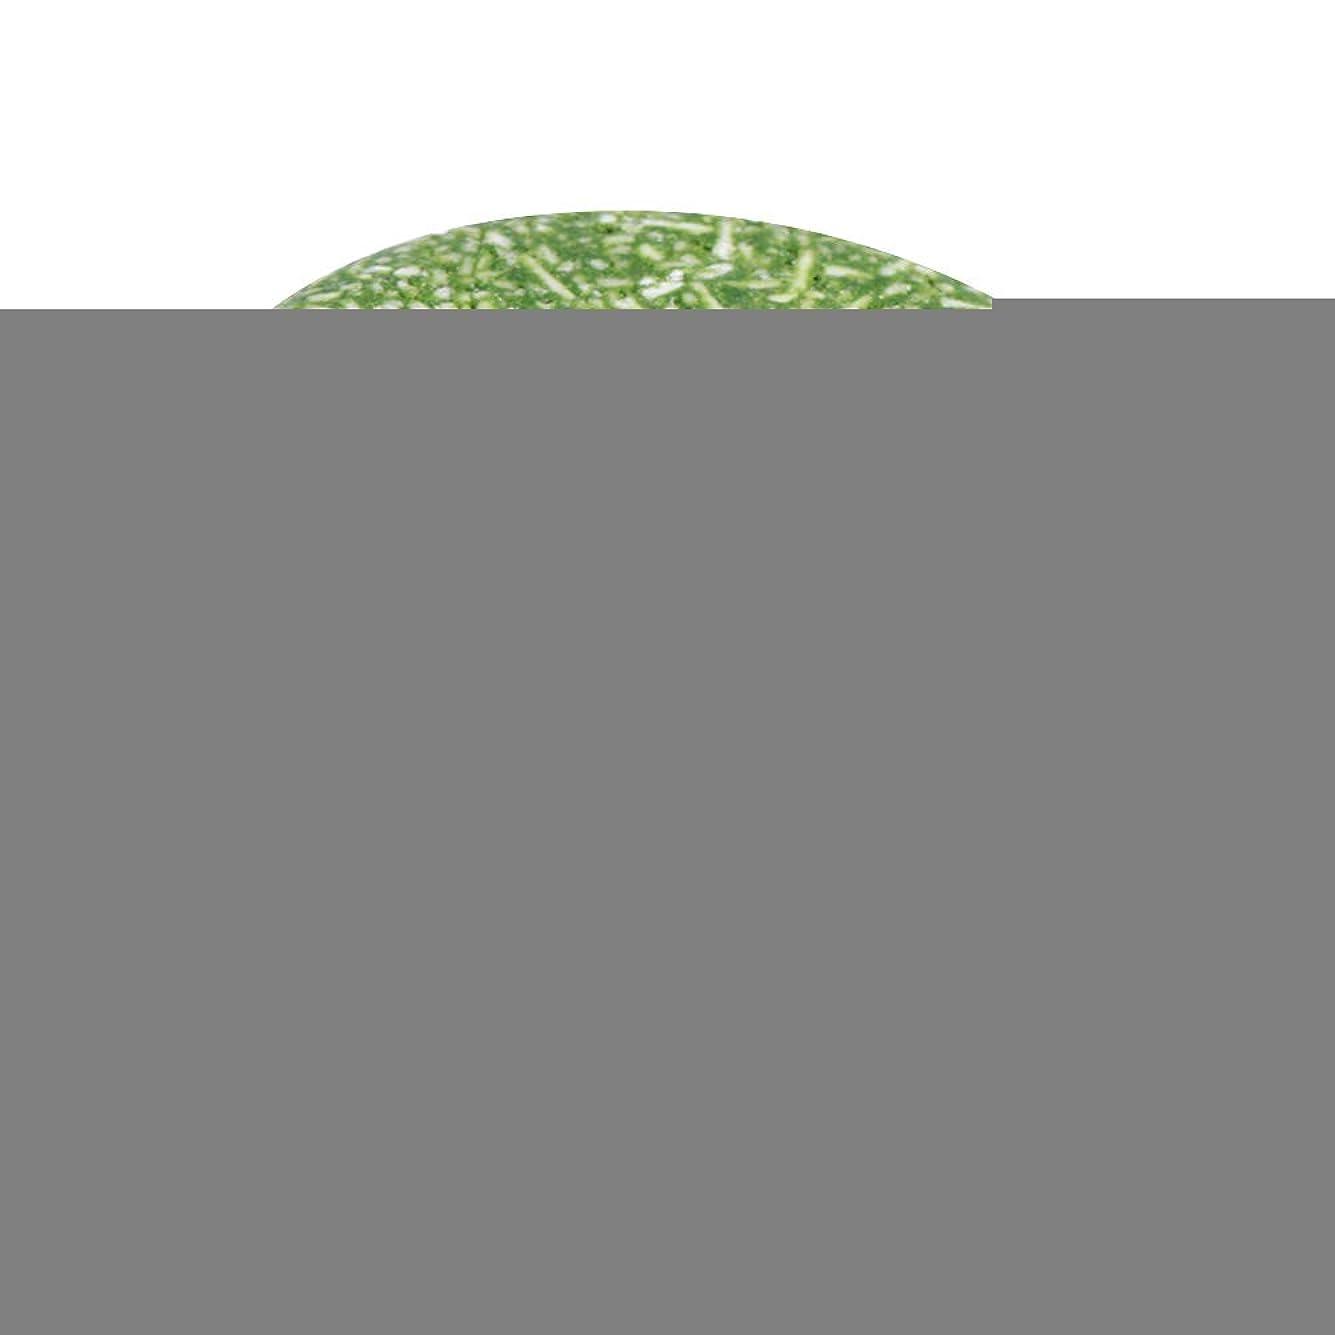 しなければならない異形夢4色オーガニック手作りコールド加工シナモンシャンプーバー100%ピュアヘアシャンプー(緑)